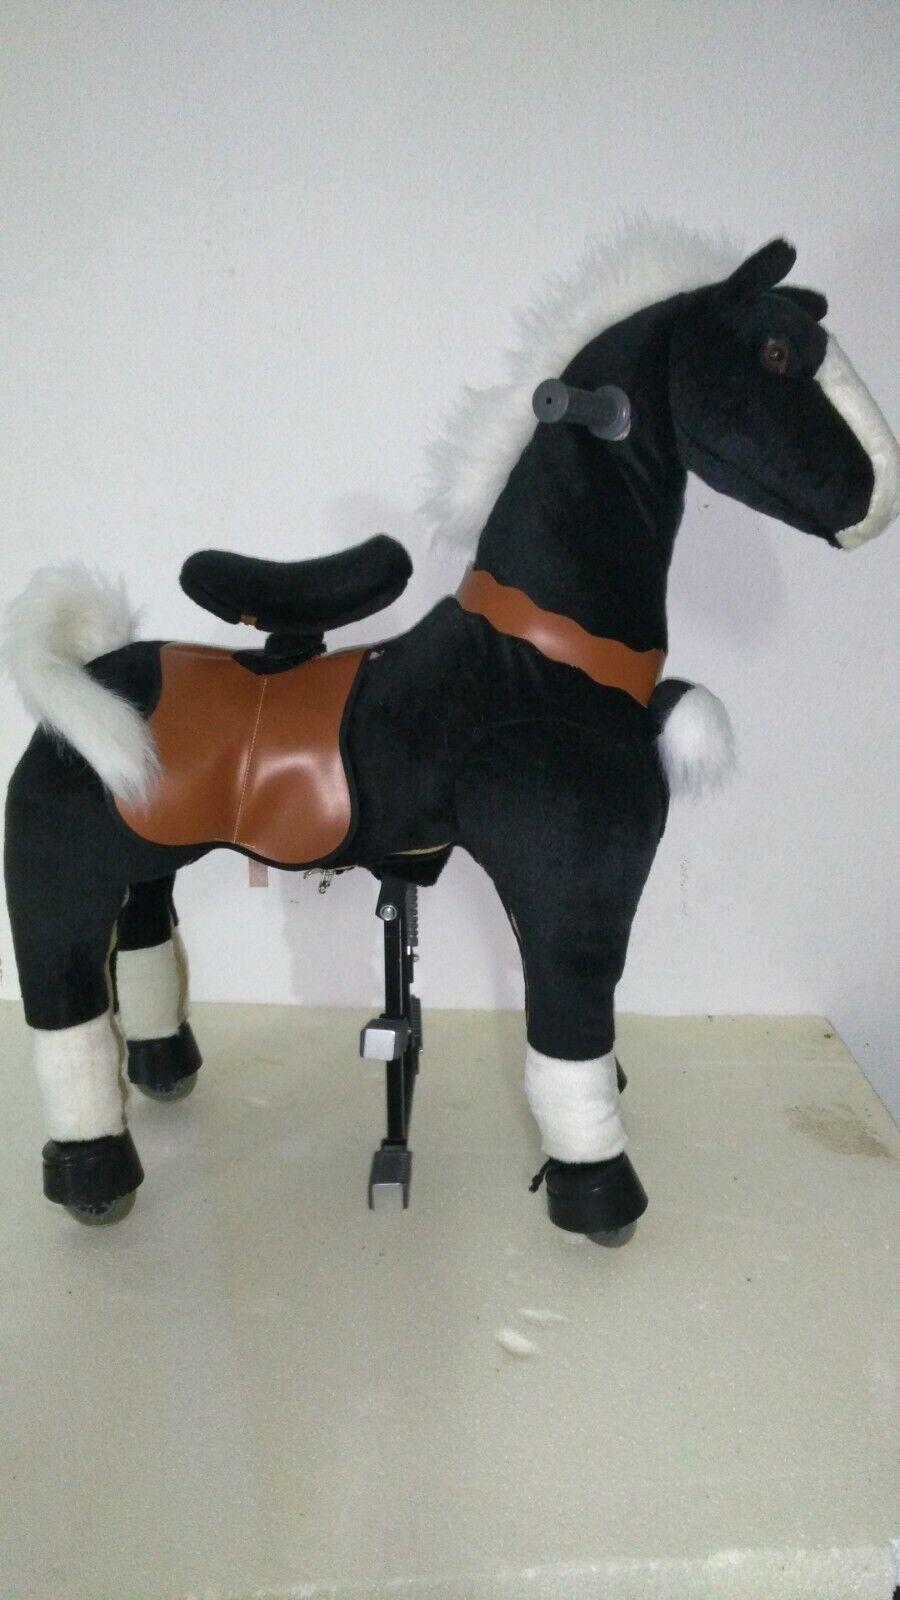 s l1600 - NEW Ponycycle llegó a España y con Entrega en 24 Hs. Mediano 3 a 10 años.